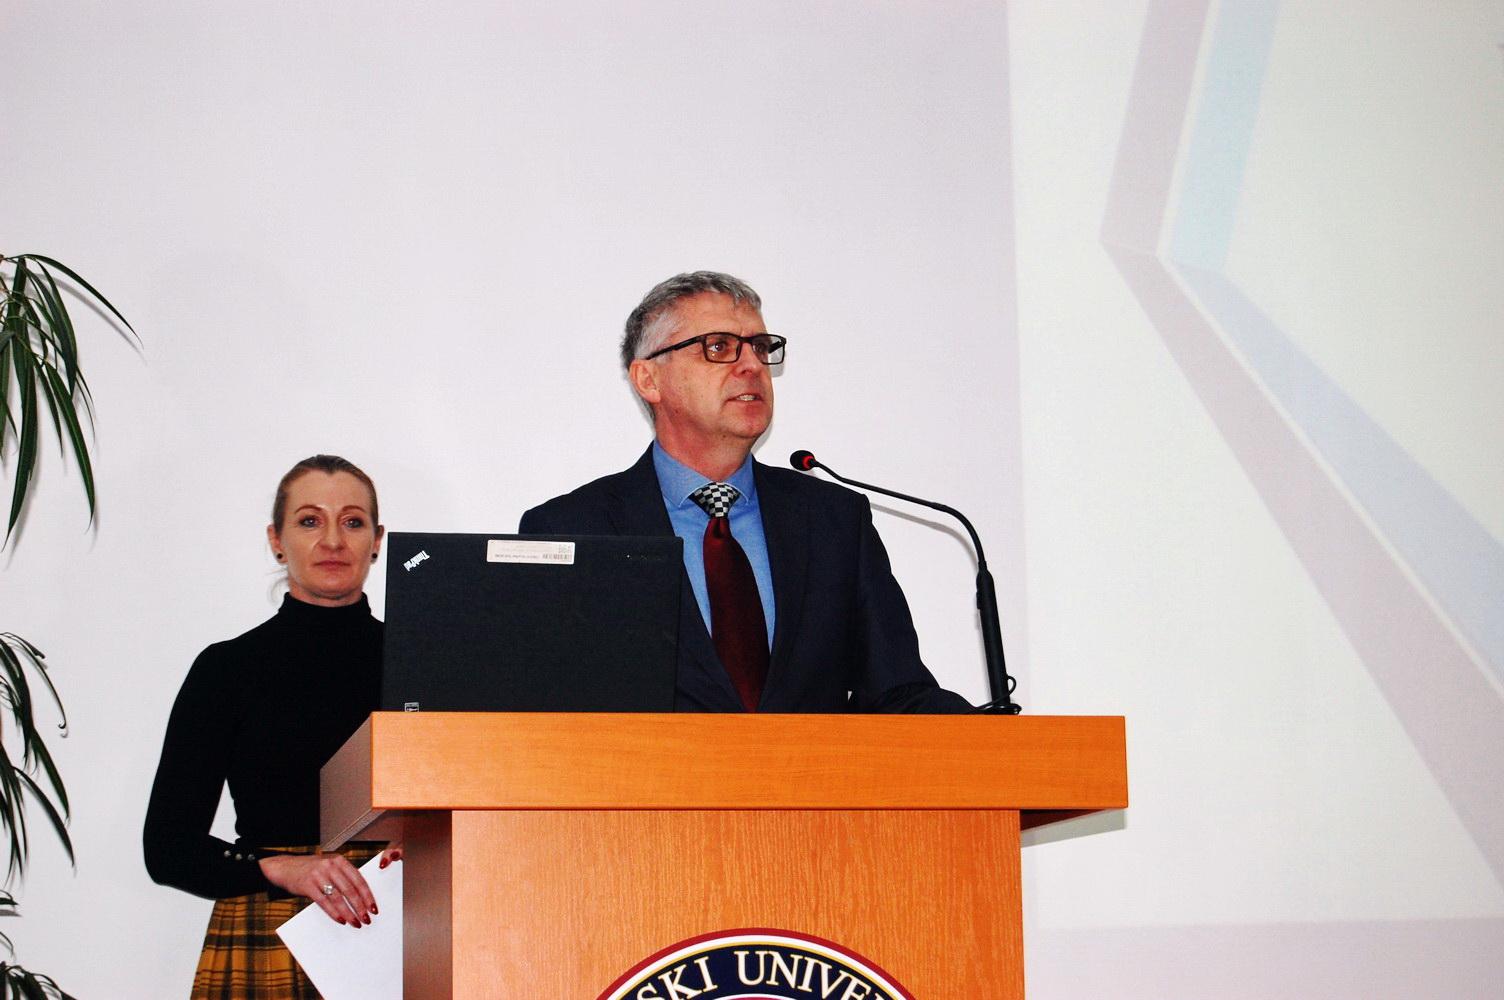 Dan Univerziteta 2020 30